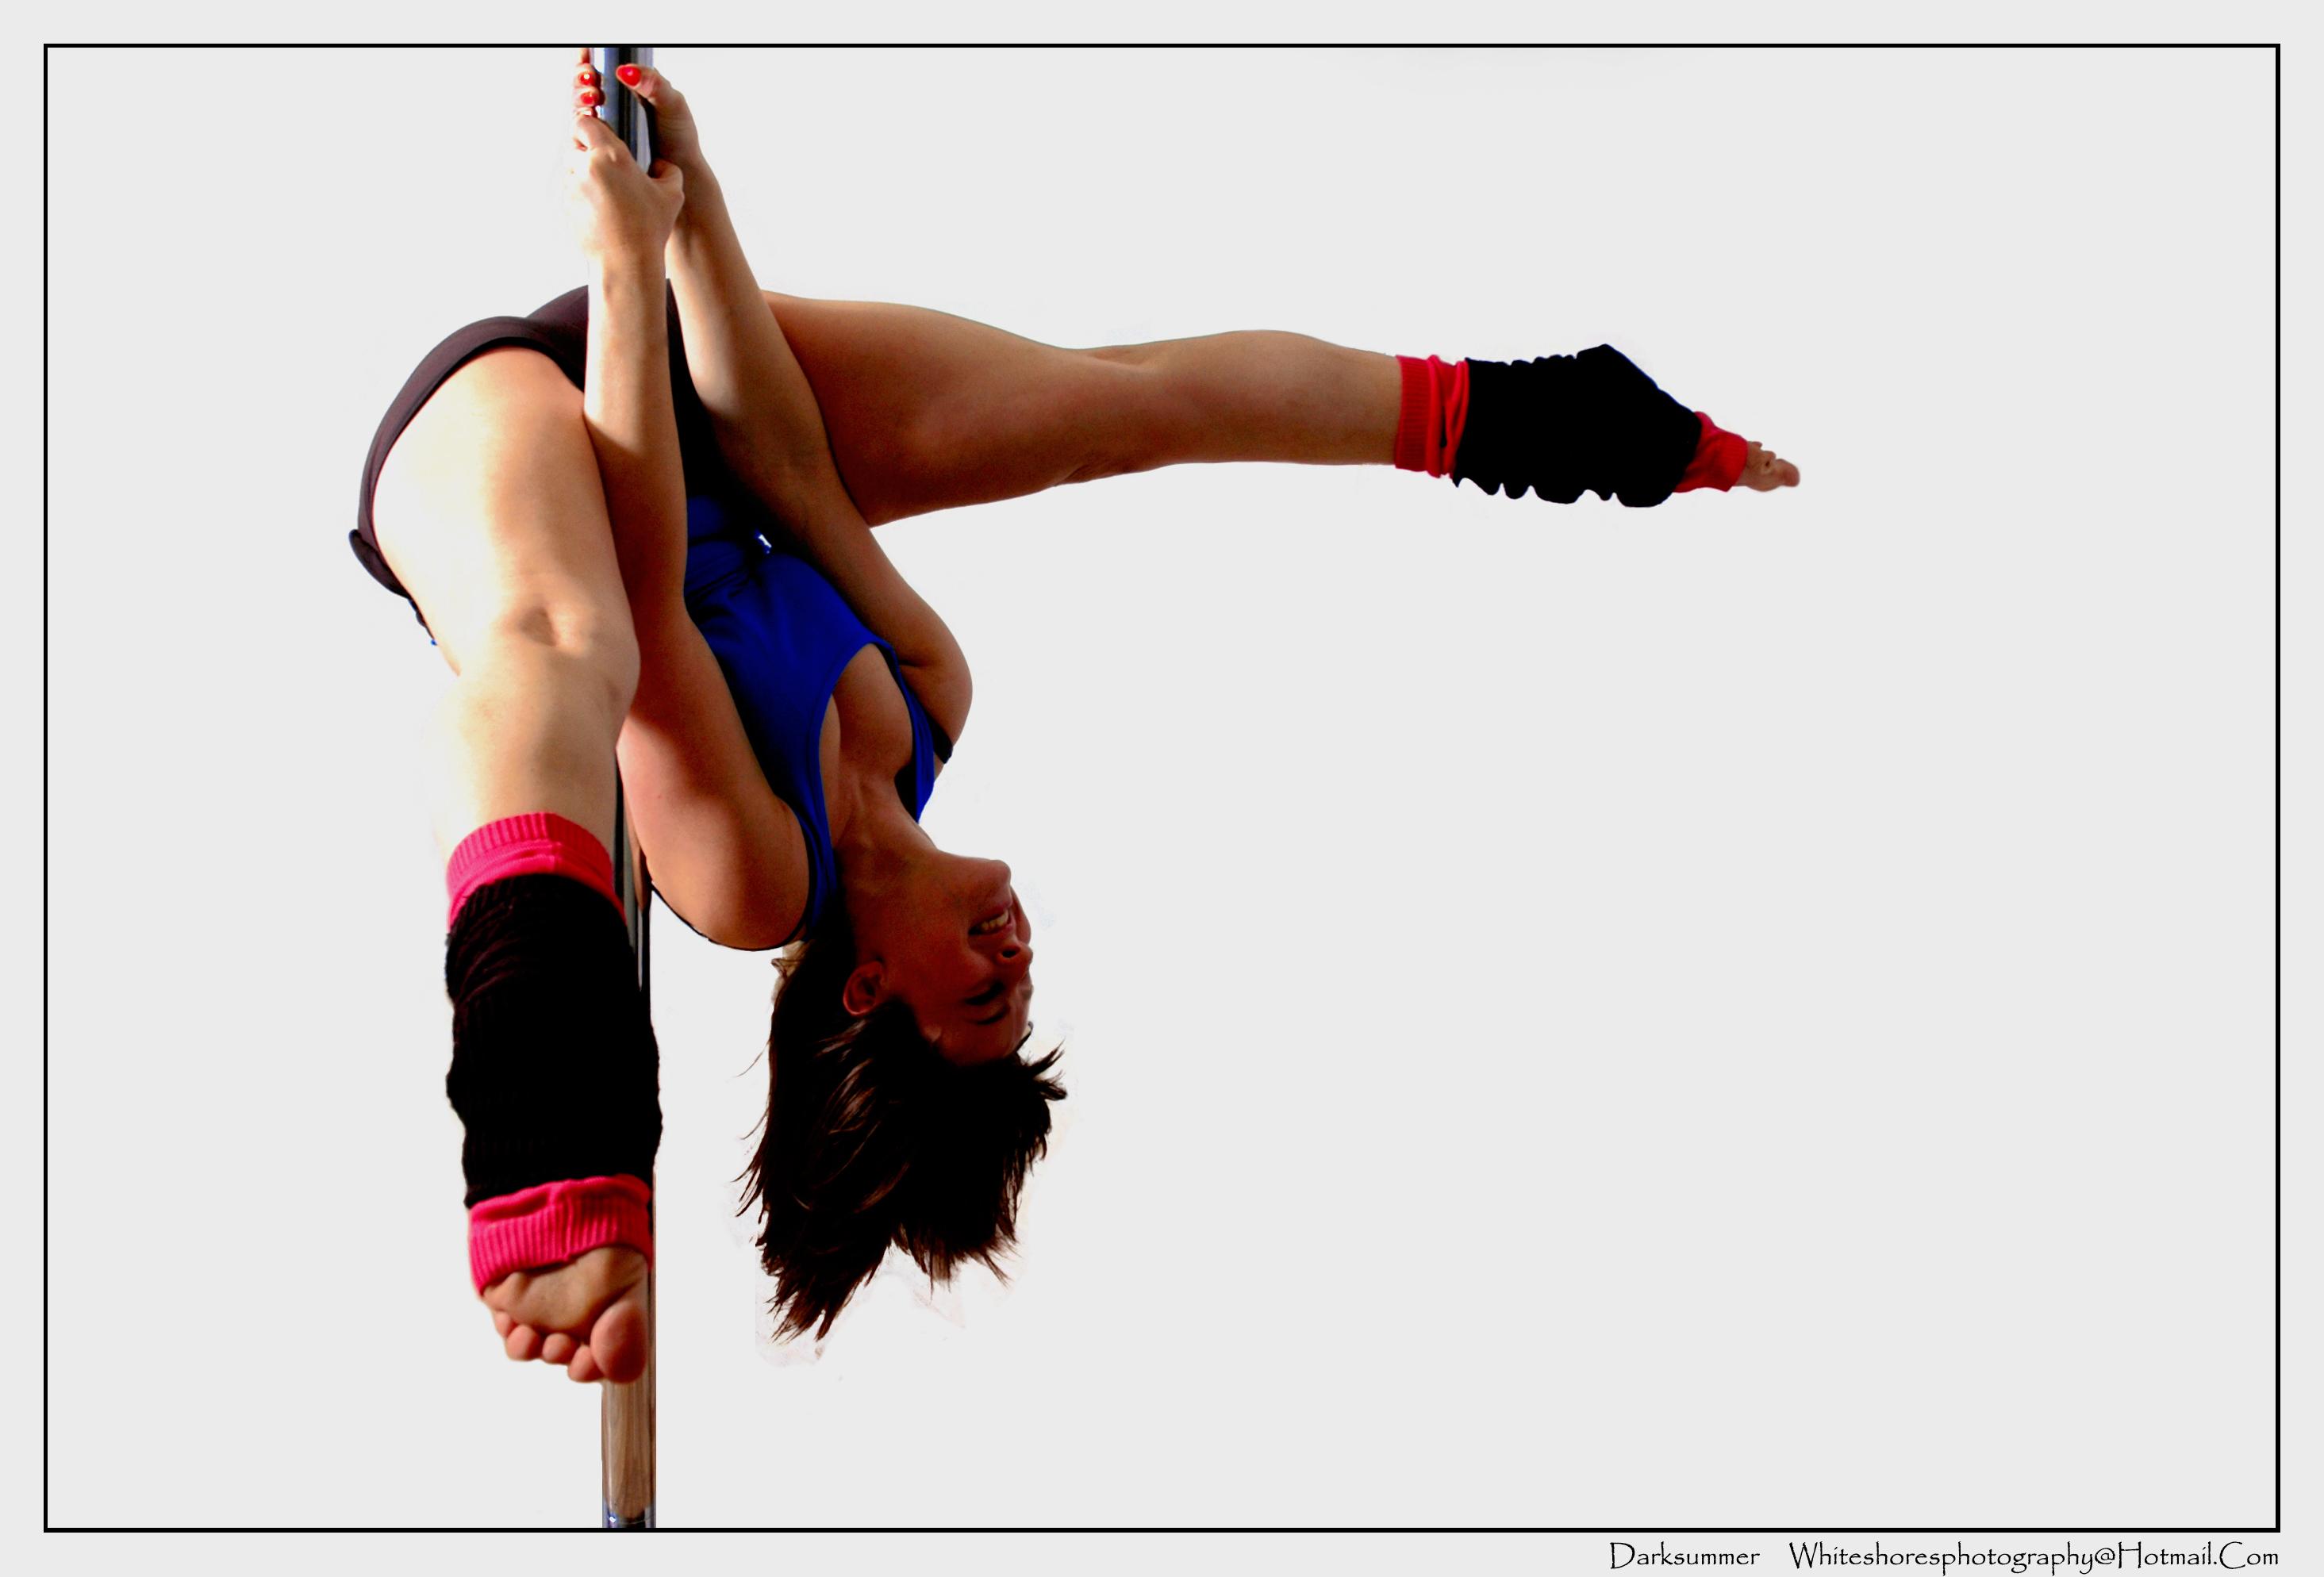 Pole Dance - Sex Nude Celeb - photo#37